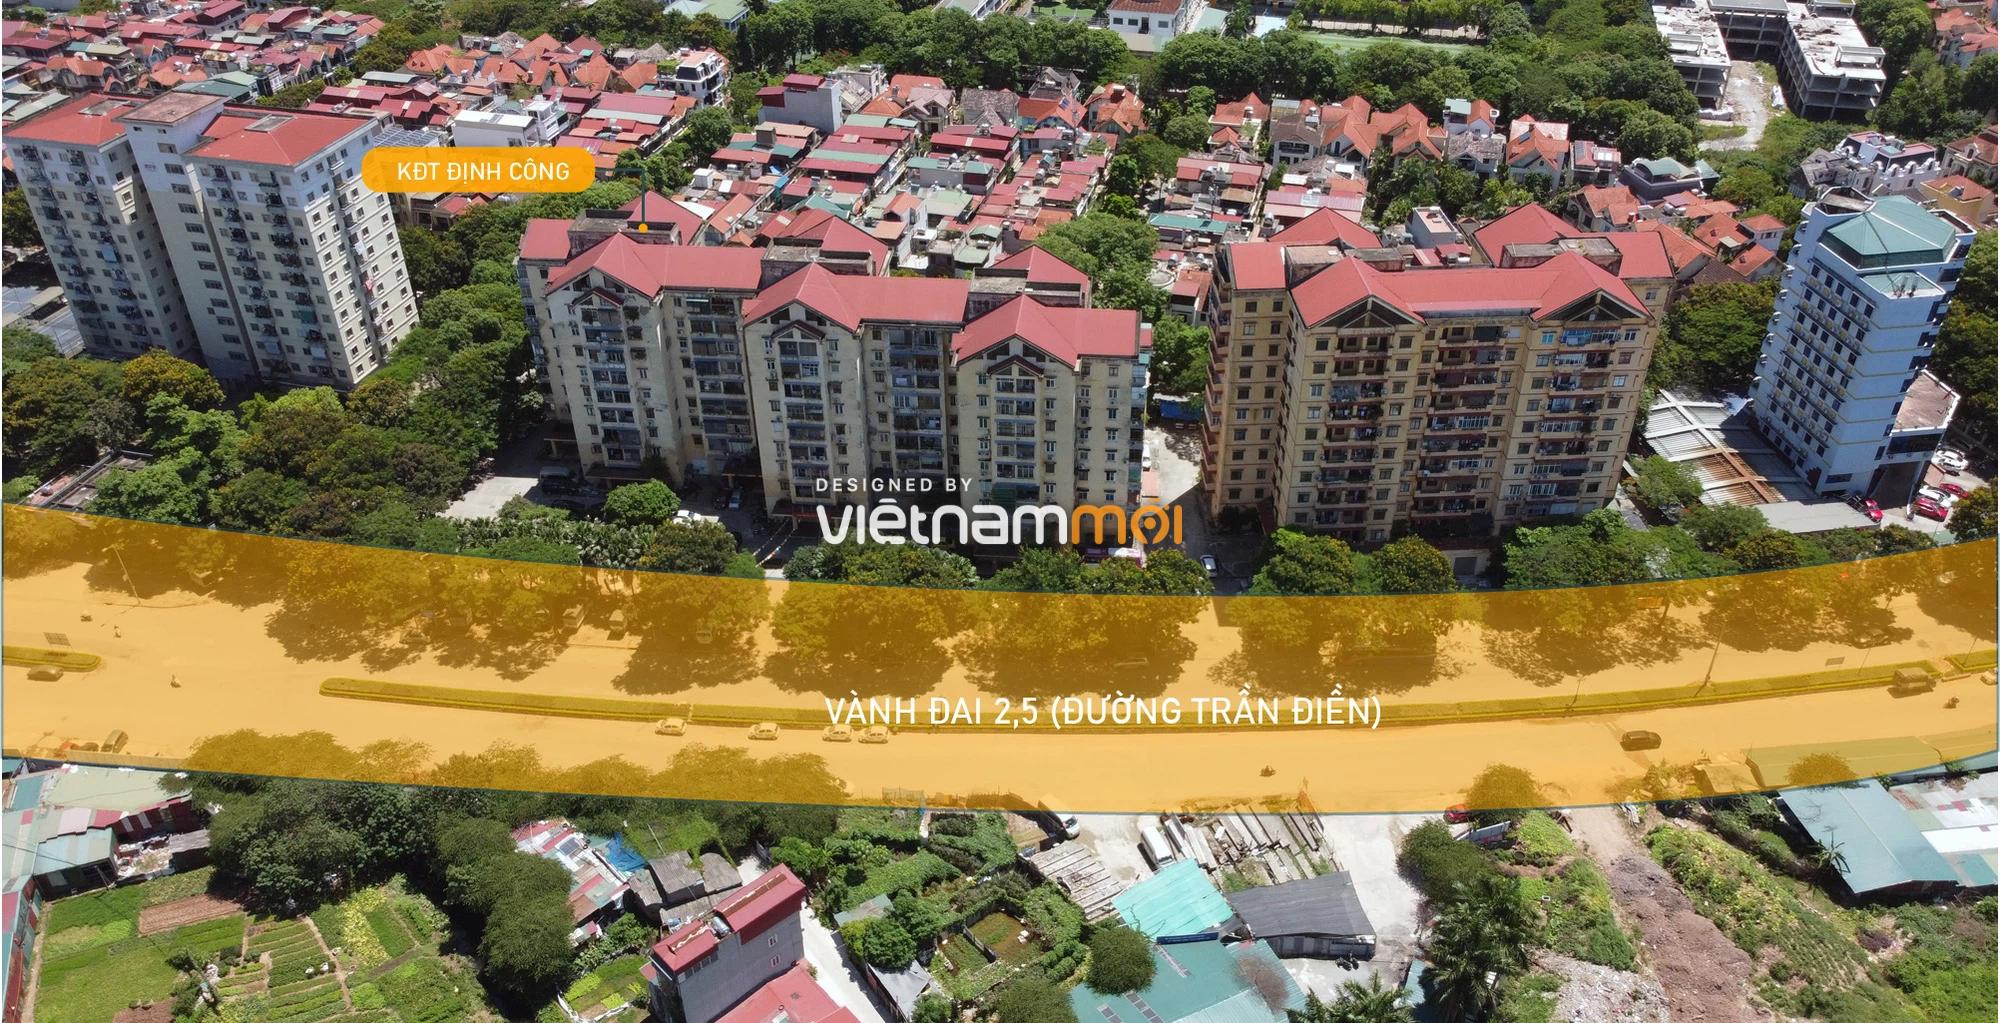 Vành đai 2,5 sẽ mở theo quy hoạch qua quận Hoàng Mai, Hà Nội - Ảnh 4.